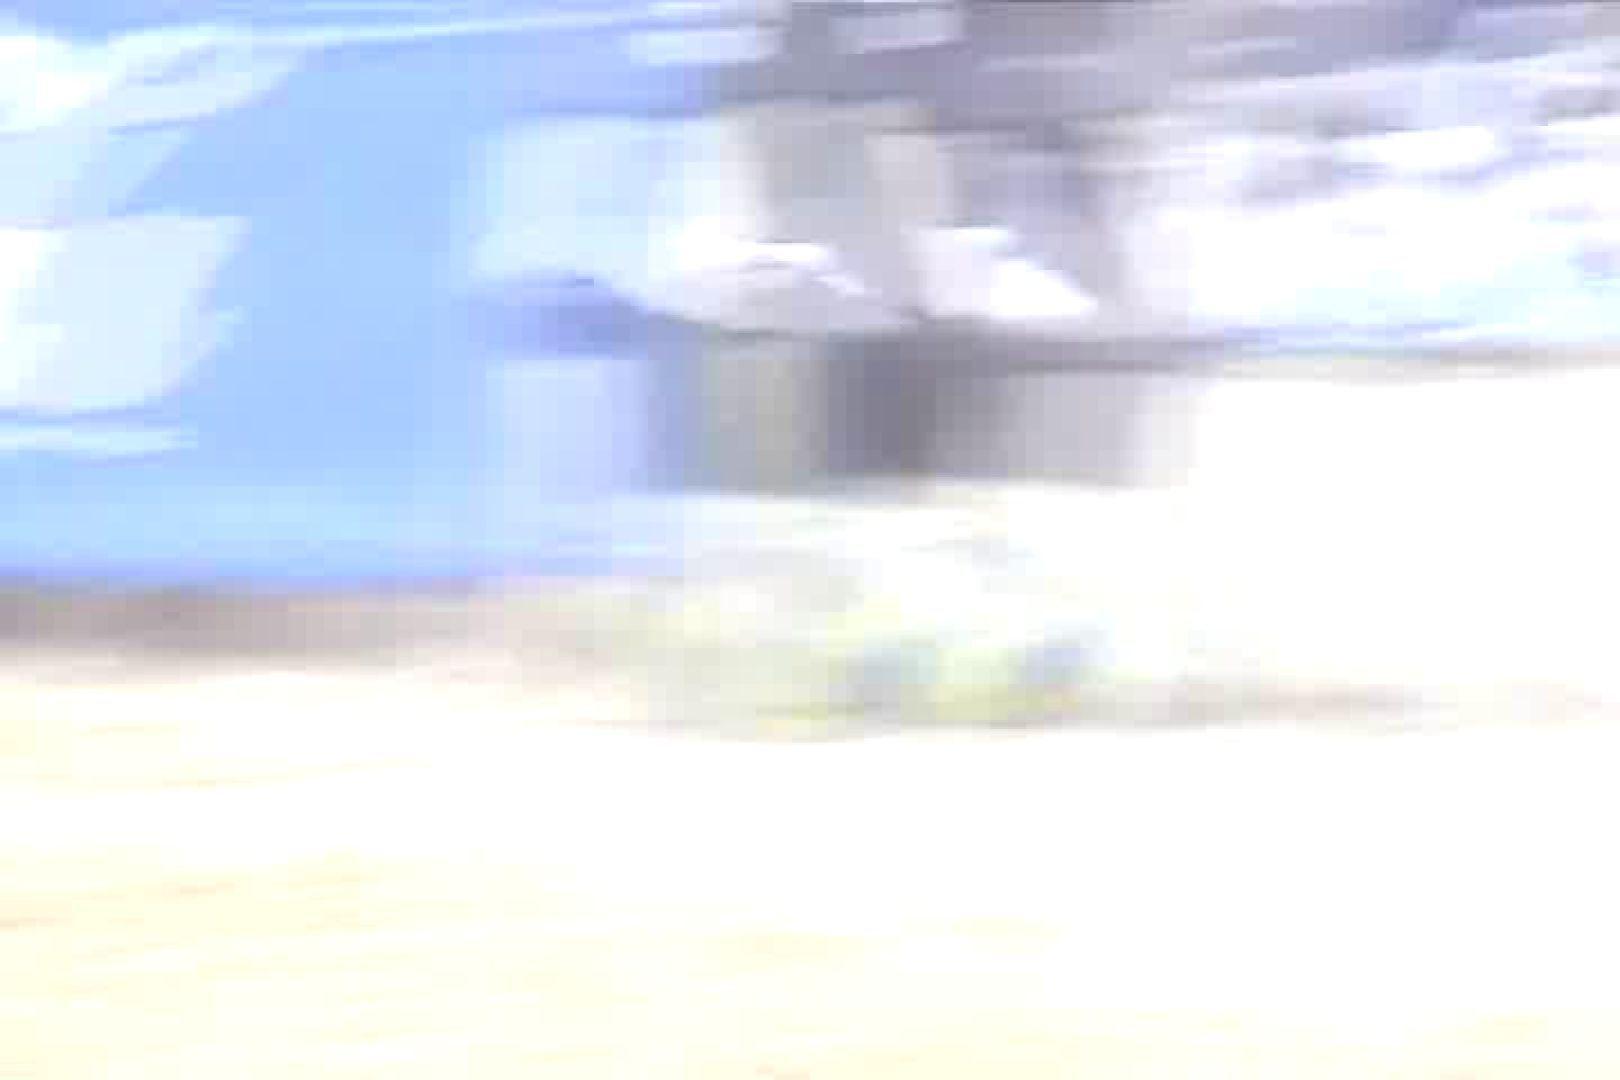 激しく揺れろ!!JDBBVol.1 美女丸裸 覗きおまんこ画像 95pic 90